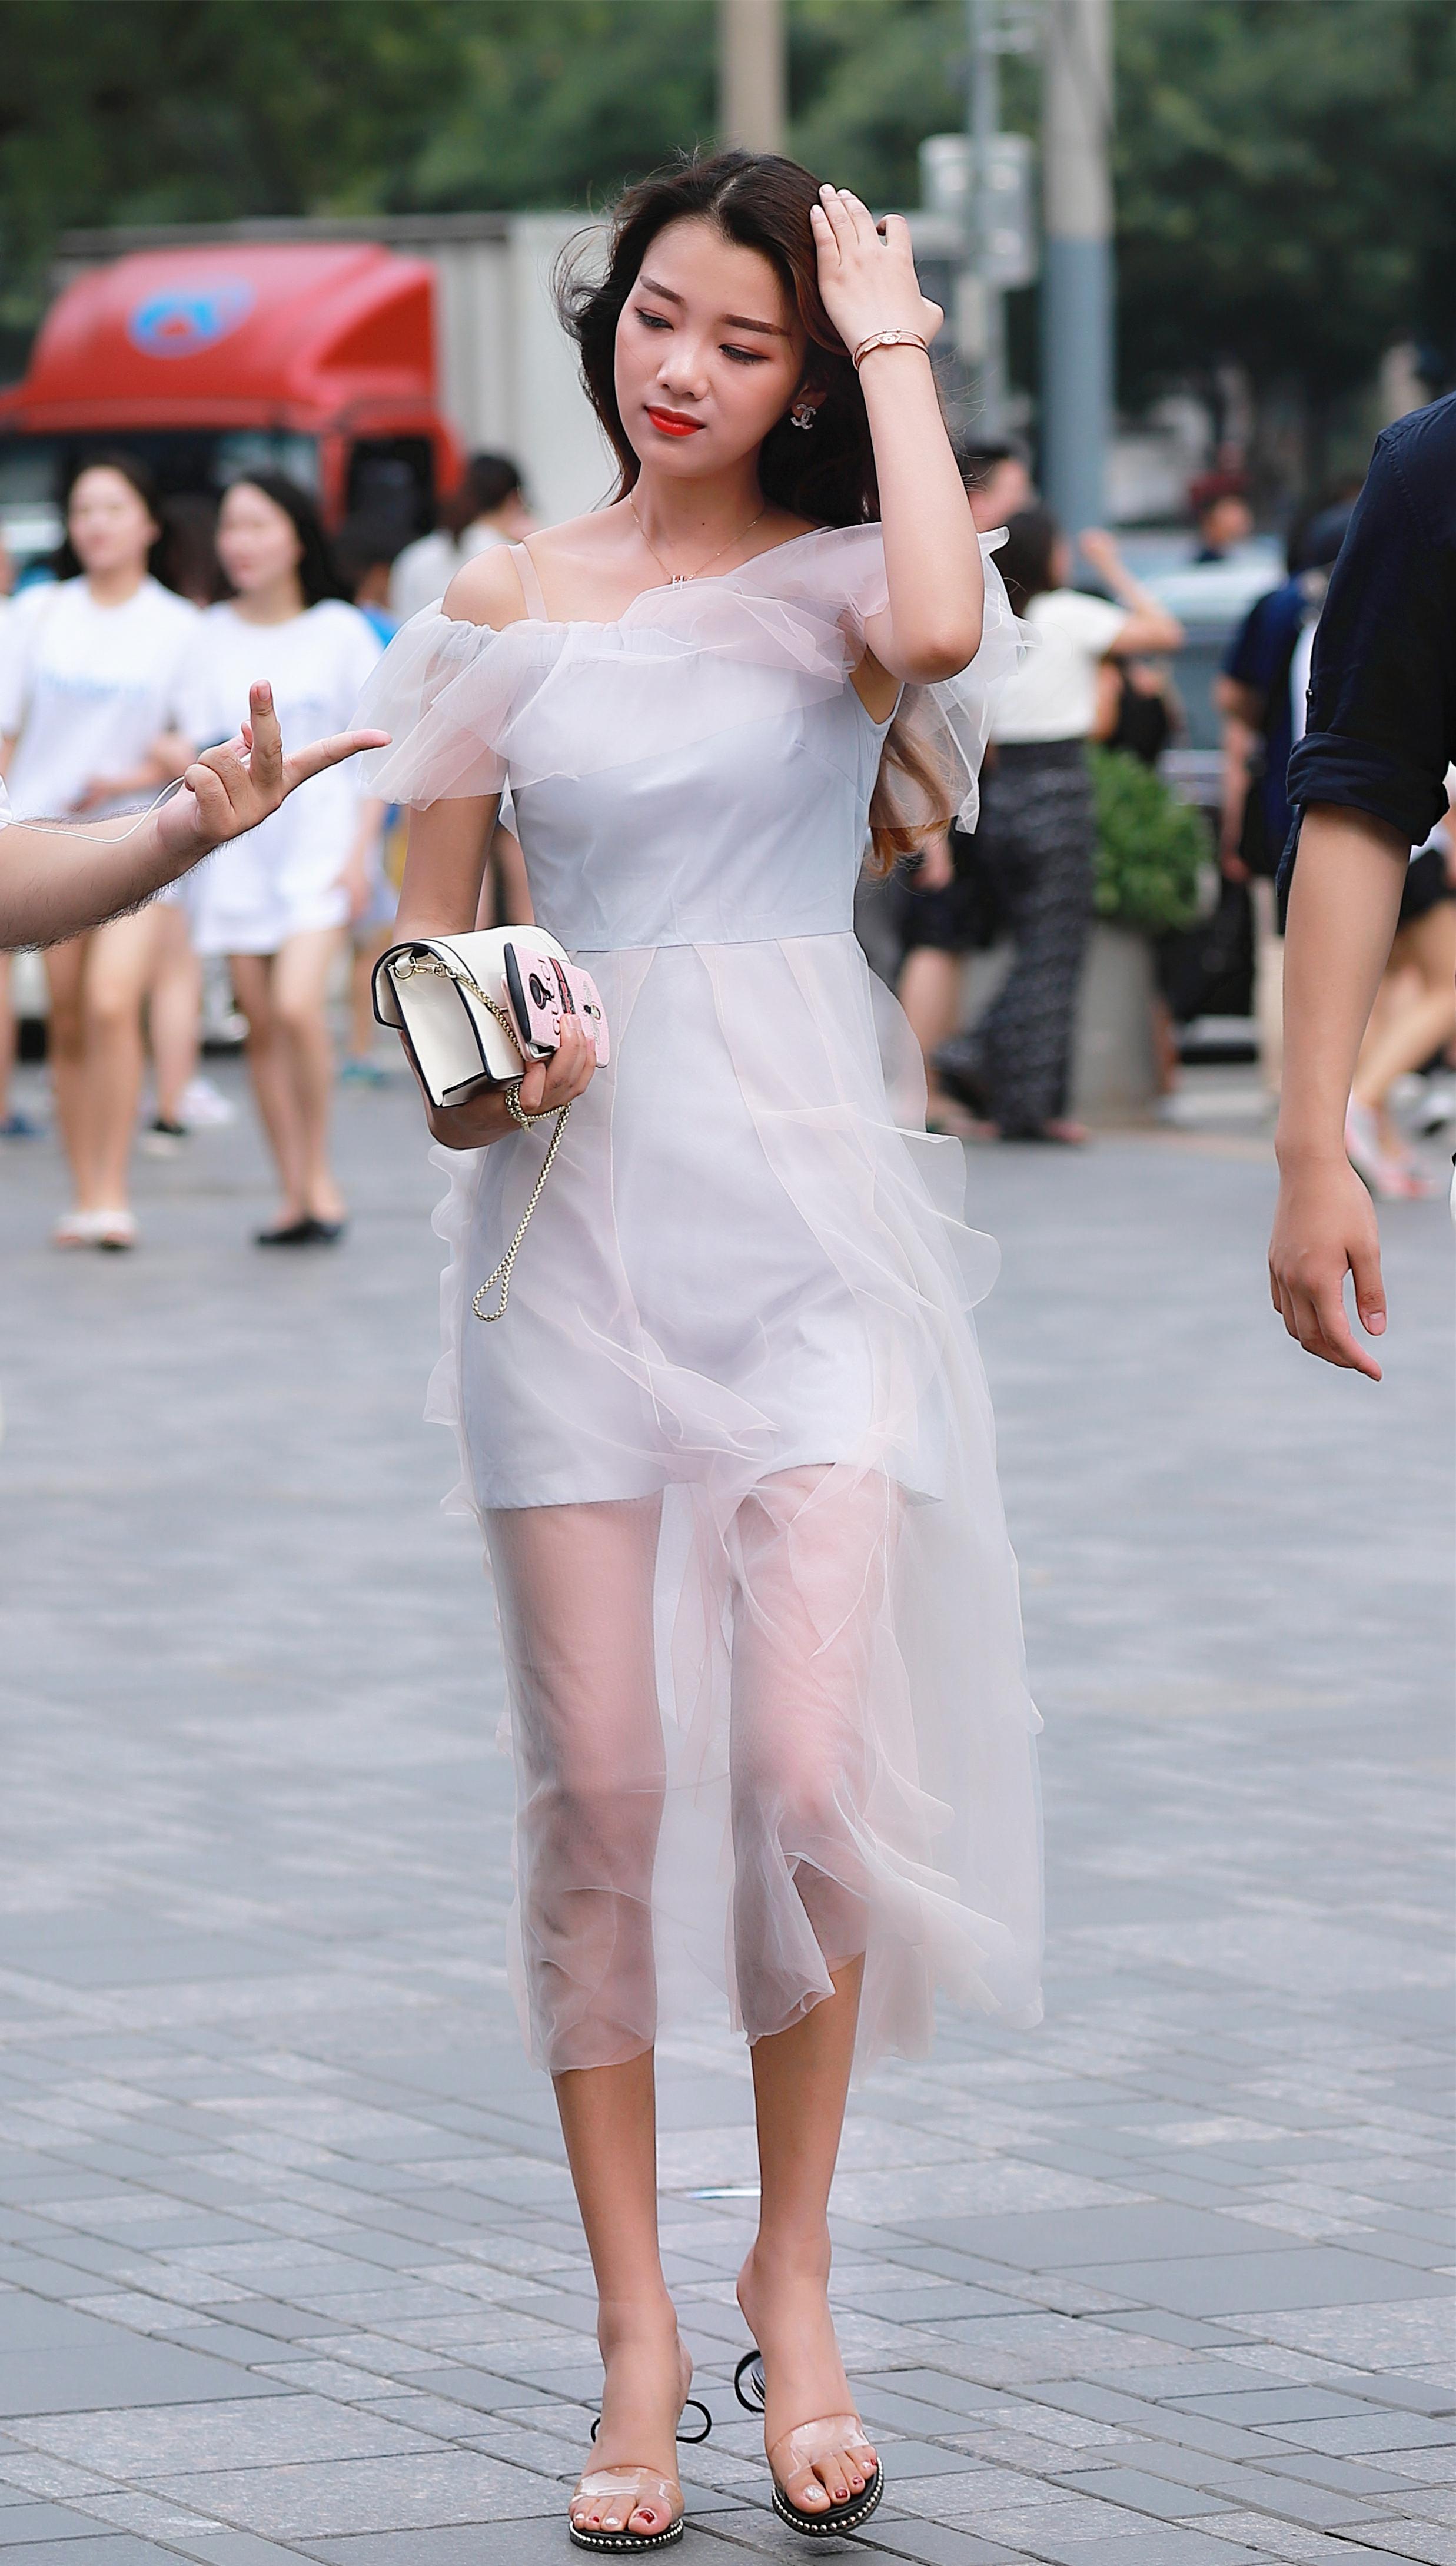 小姐好白里的歌曲_街拍:三里屯漂亮又时尚的小姐姐真多,快看看有没有你喜欢的